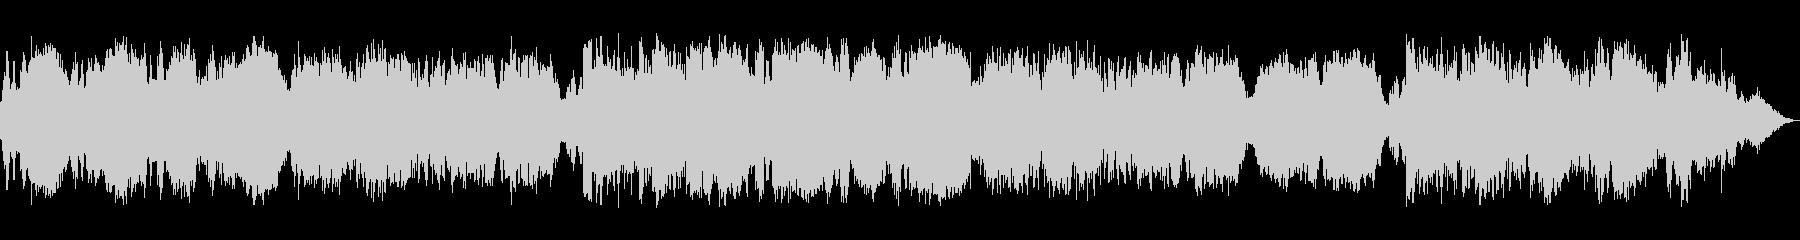 ストリングス中心のバラード曲です。の未再生の波形